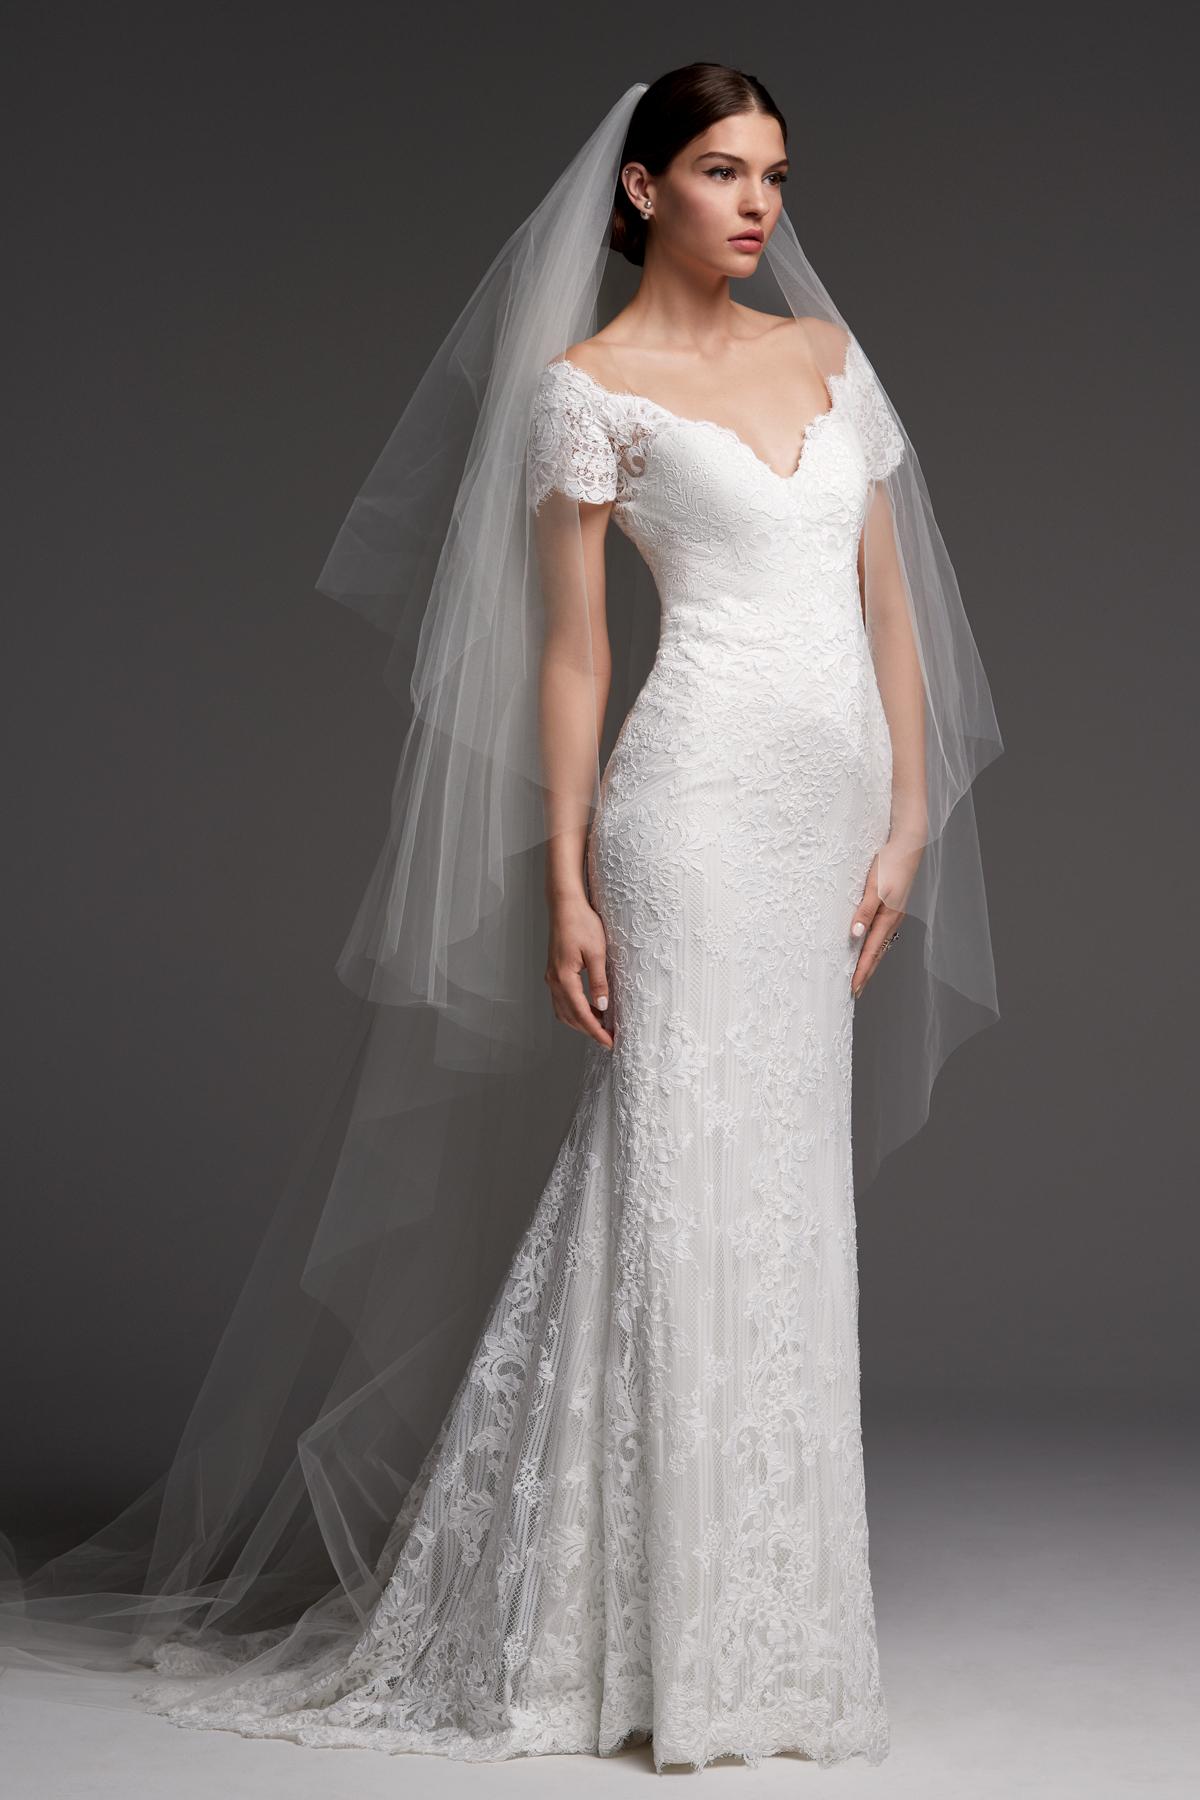 watters wedding dress fall 2018 v-neck sheath lace